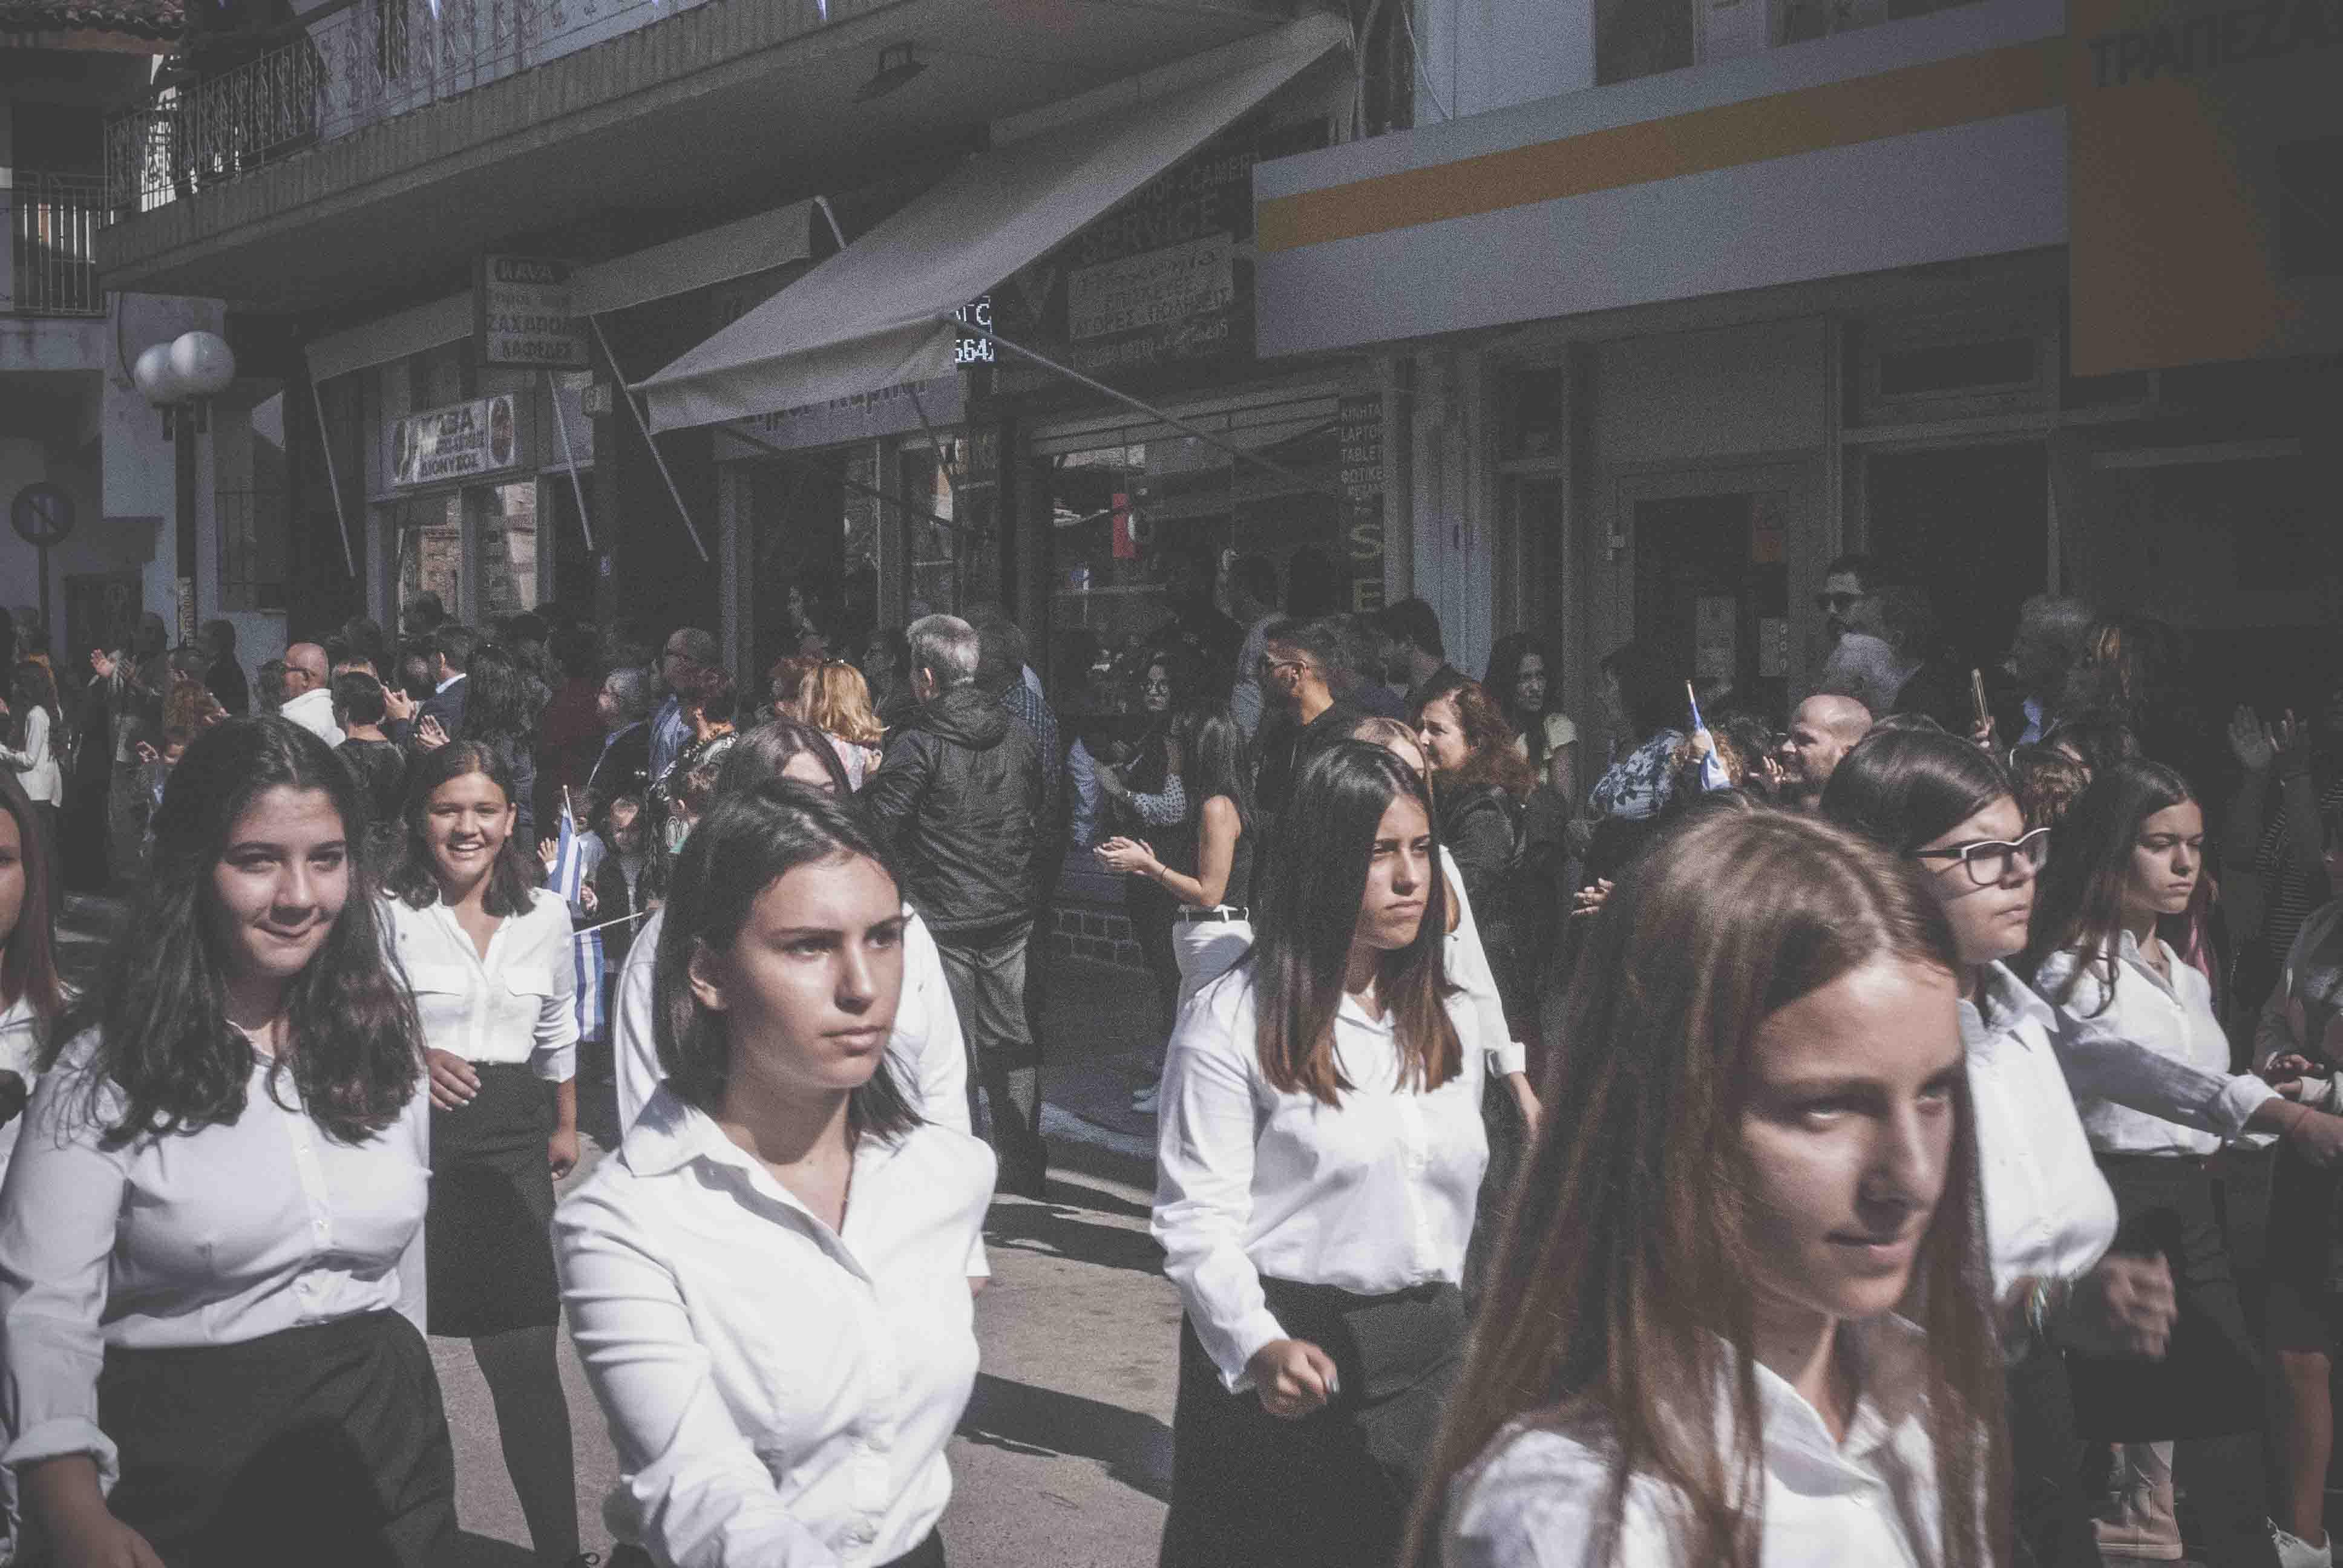 Φωτογραφικό υλικό από την παρέλαση στα Ψαχνά DSC 0423  Η παρέλαση της 28ης Οκτωβρίου σε Καστέλλα και Ψαχνά (φωτό) DSC 0423